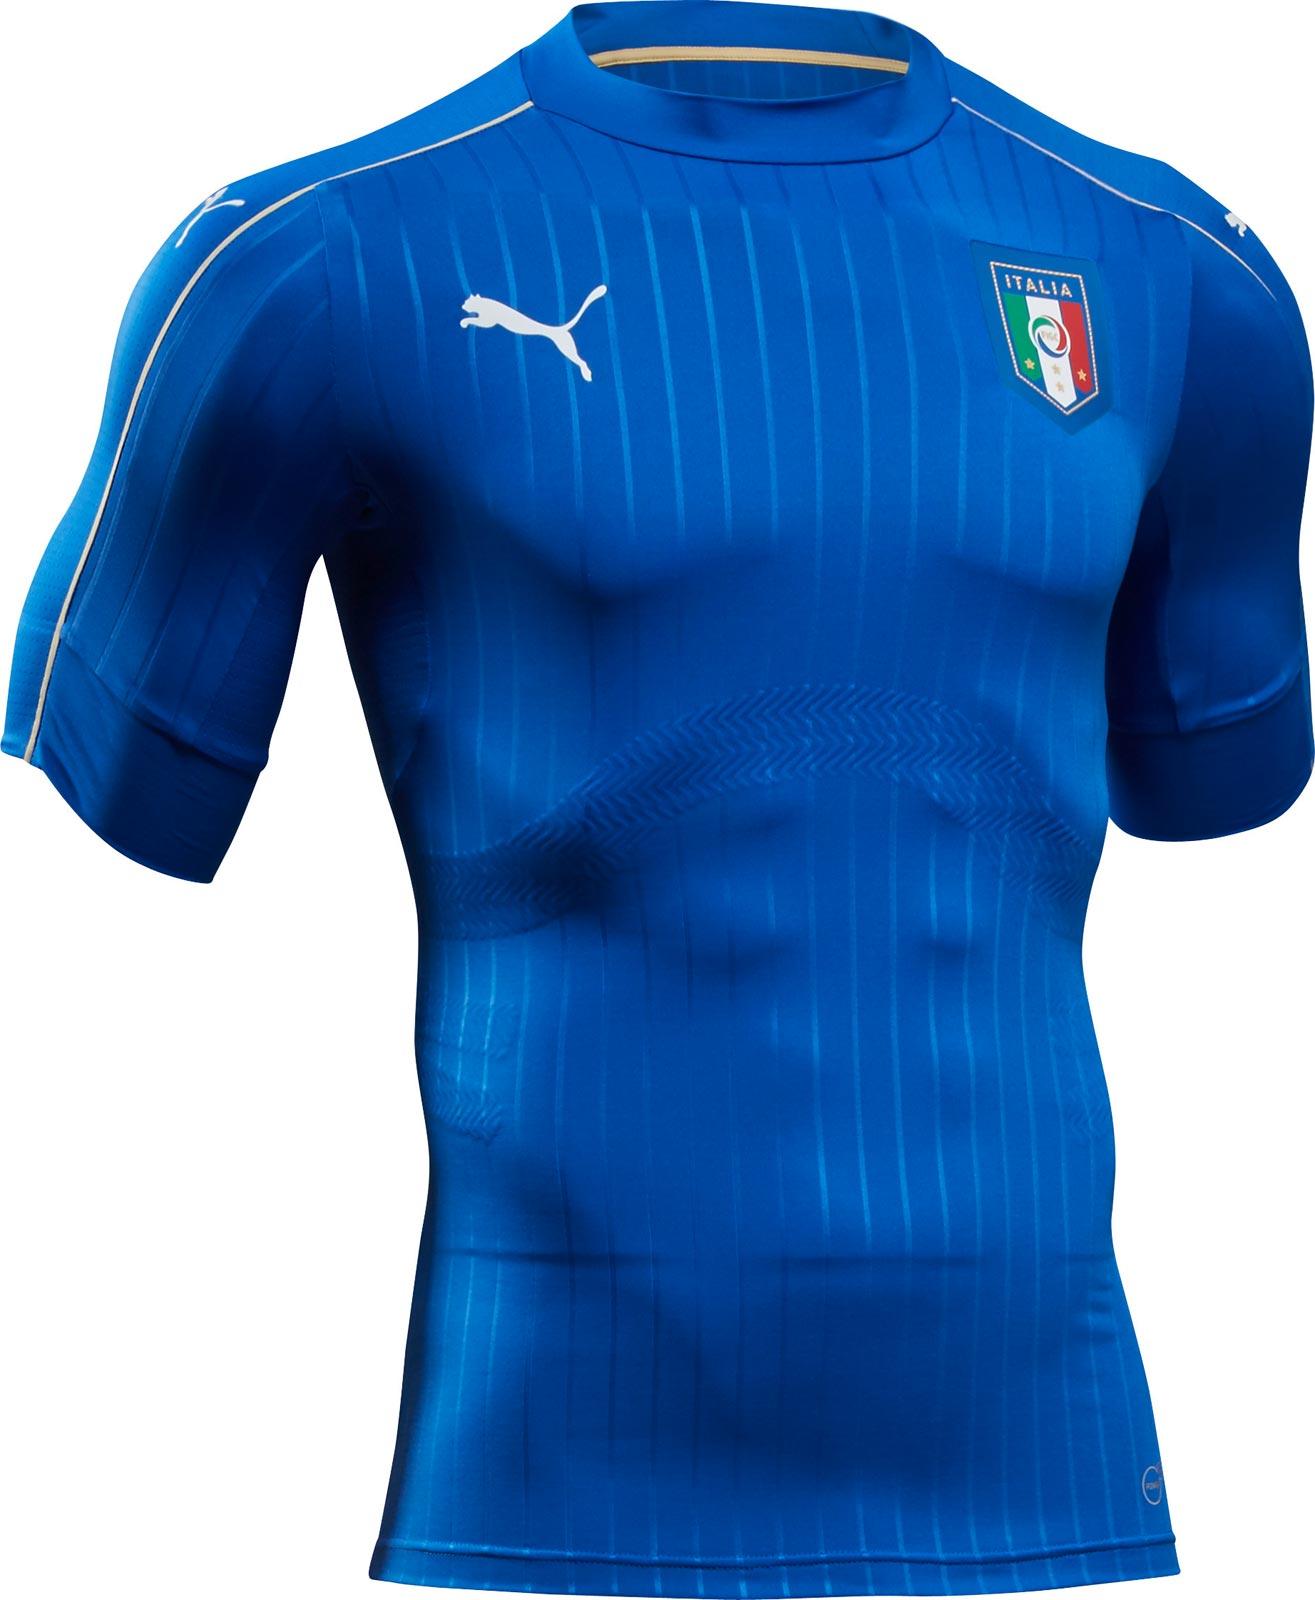 italy-euro-2016-home-kit-2